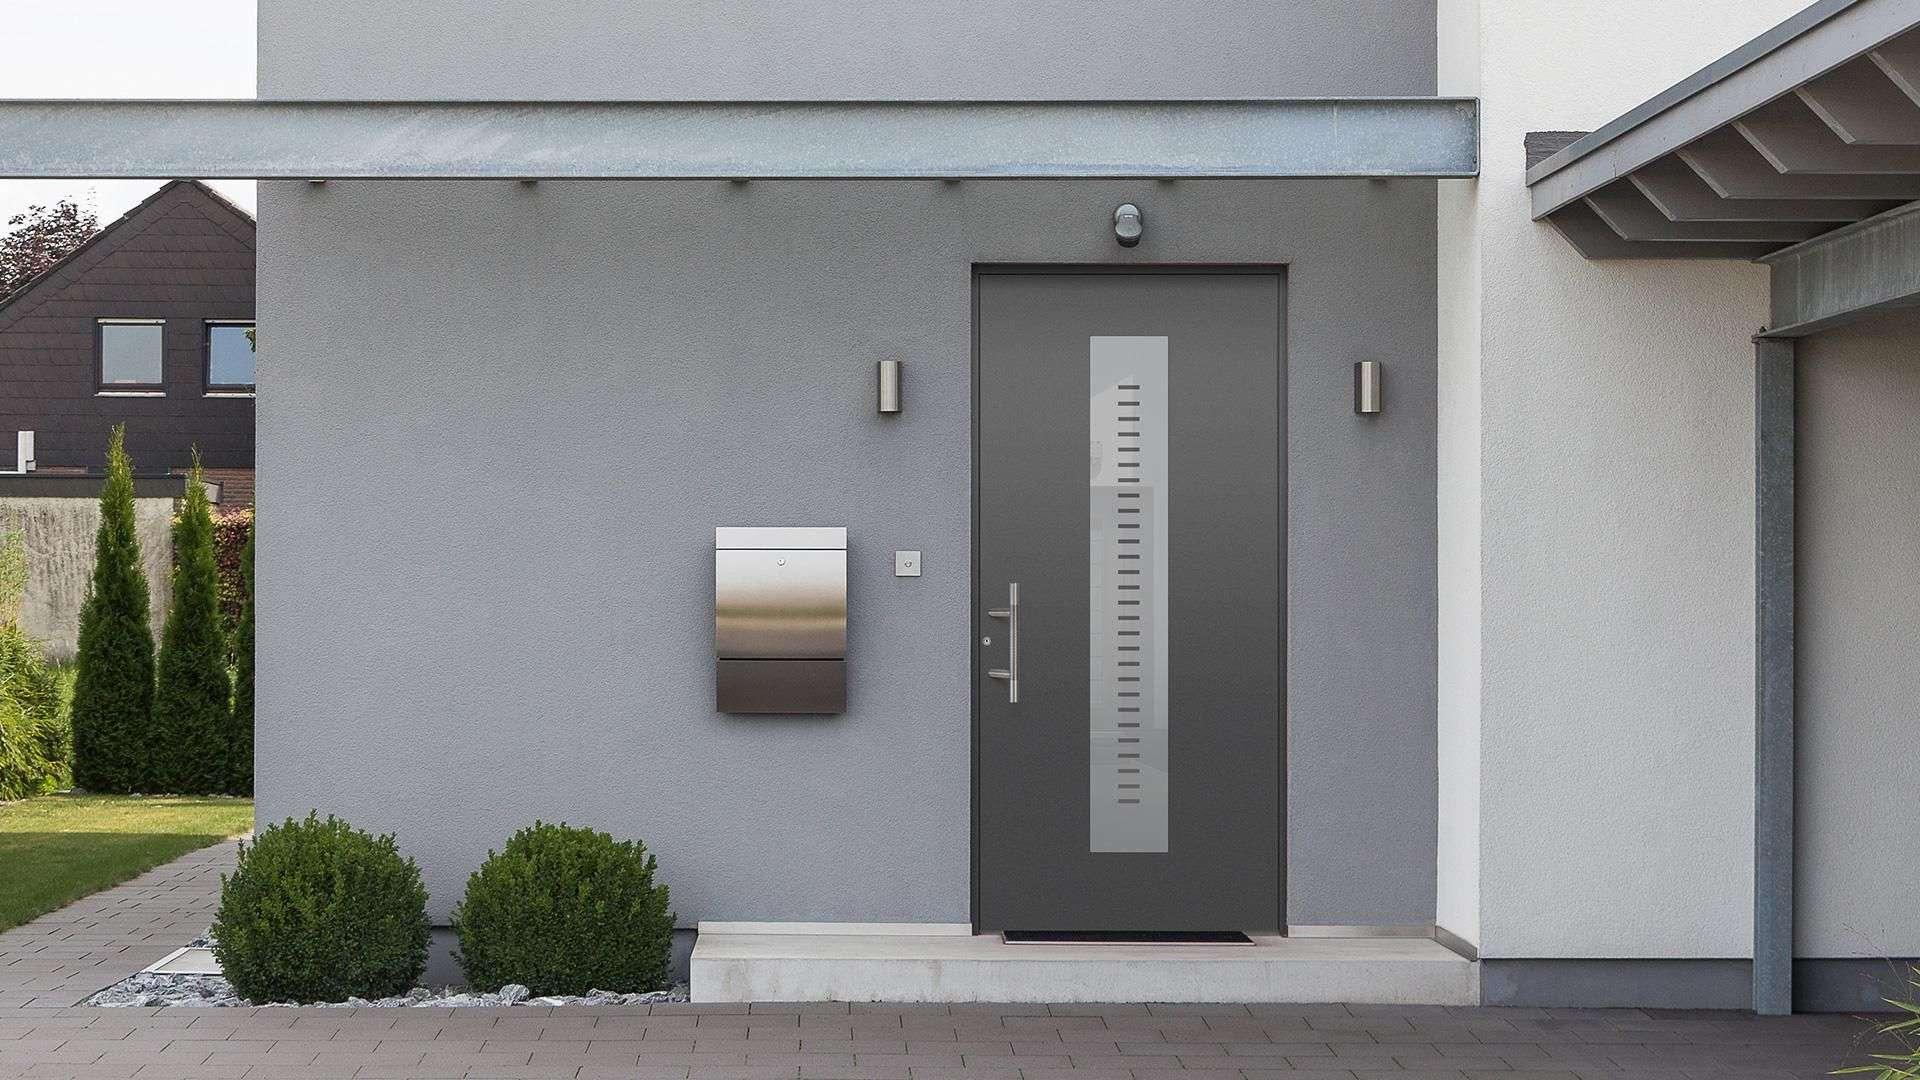 graue Aluhaustür in hellgrauer Fassade mit Briefkasten